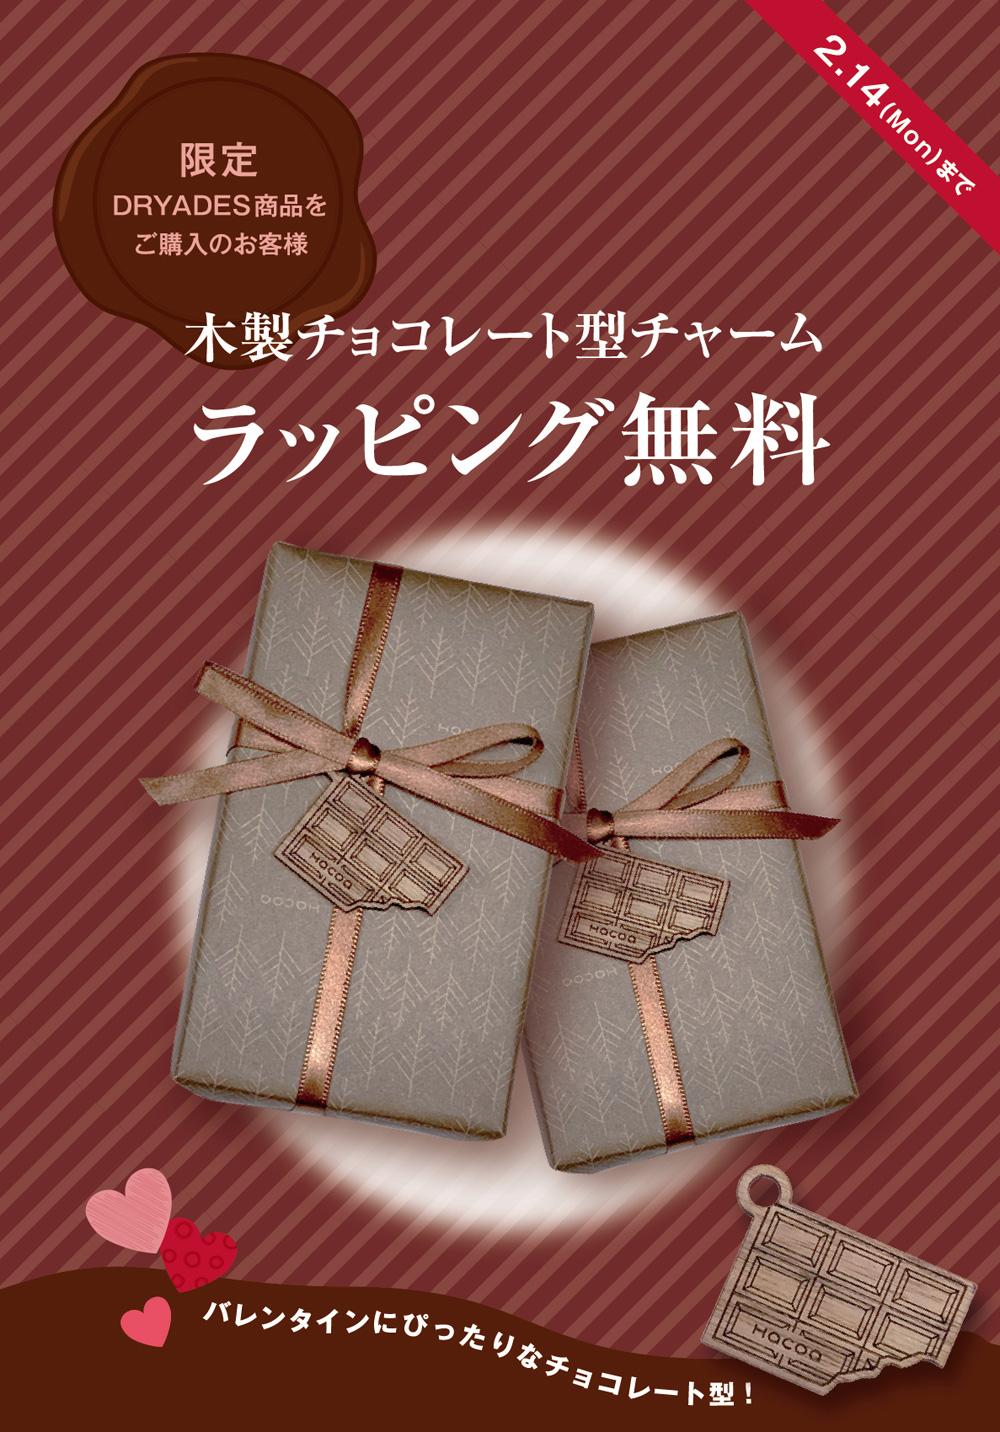 【3店舗で開催】木製チョコレート型チャームラッピングが無料!!